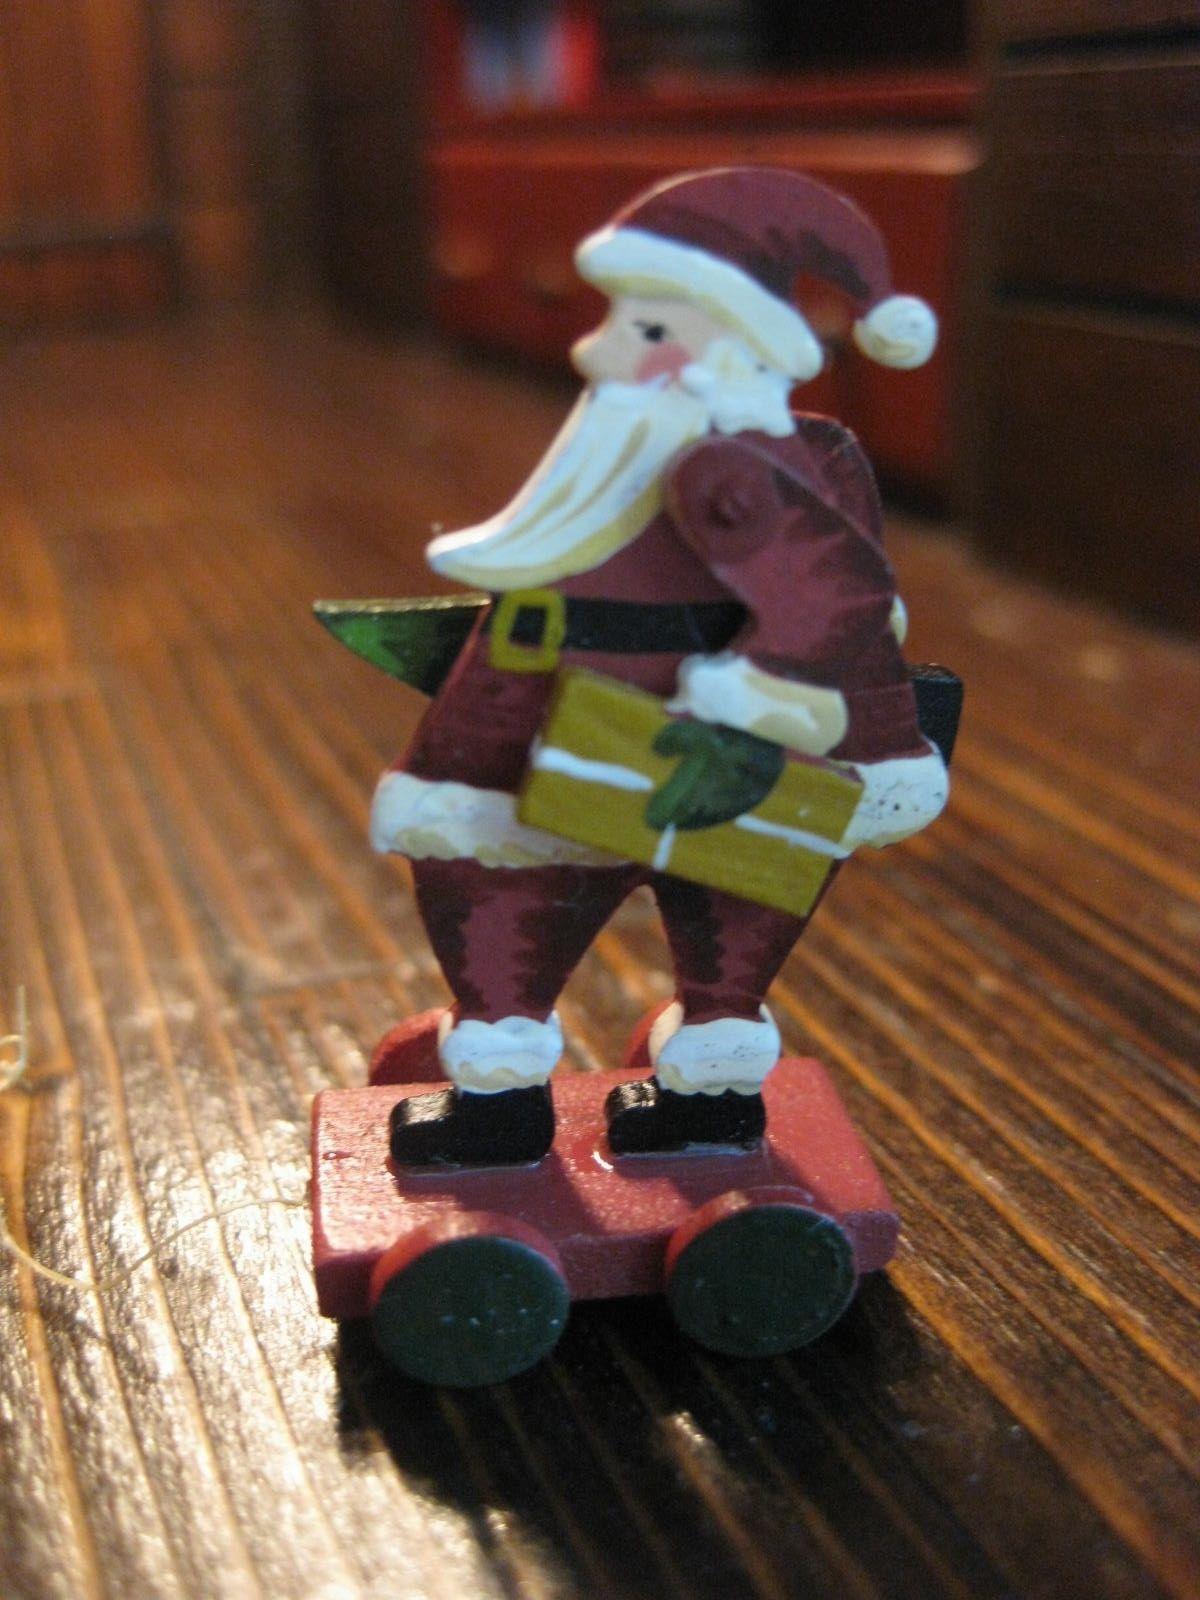 Dollhouse Miniature Artisan Karen Markland Christmas Santa Pull Toy